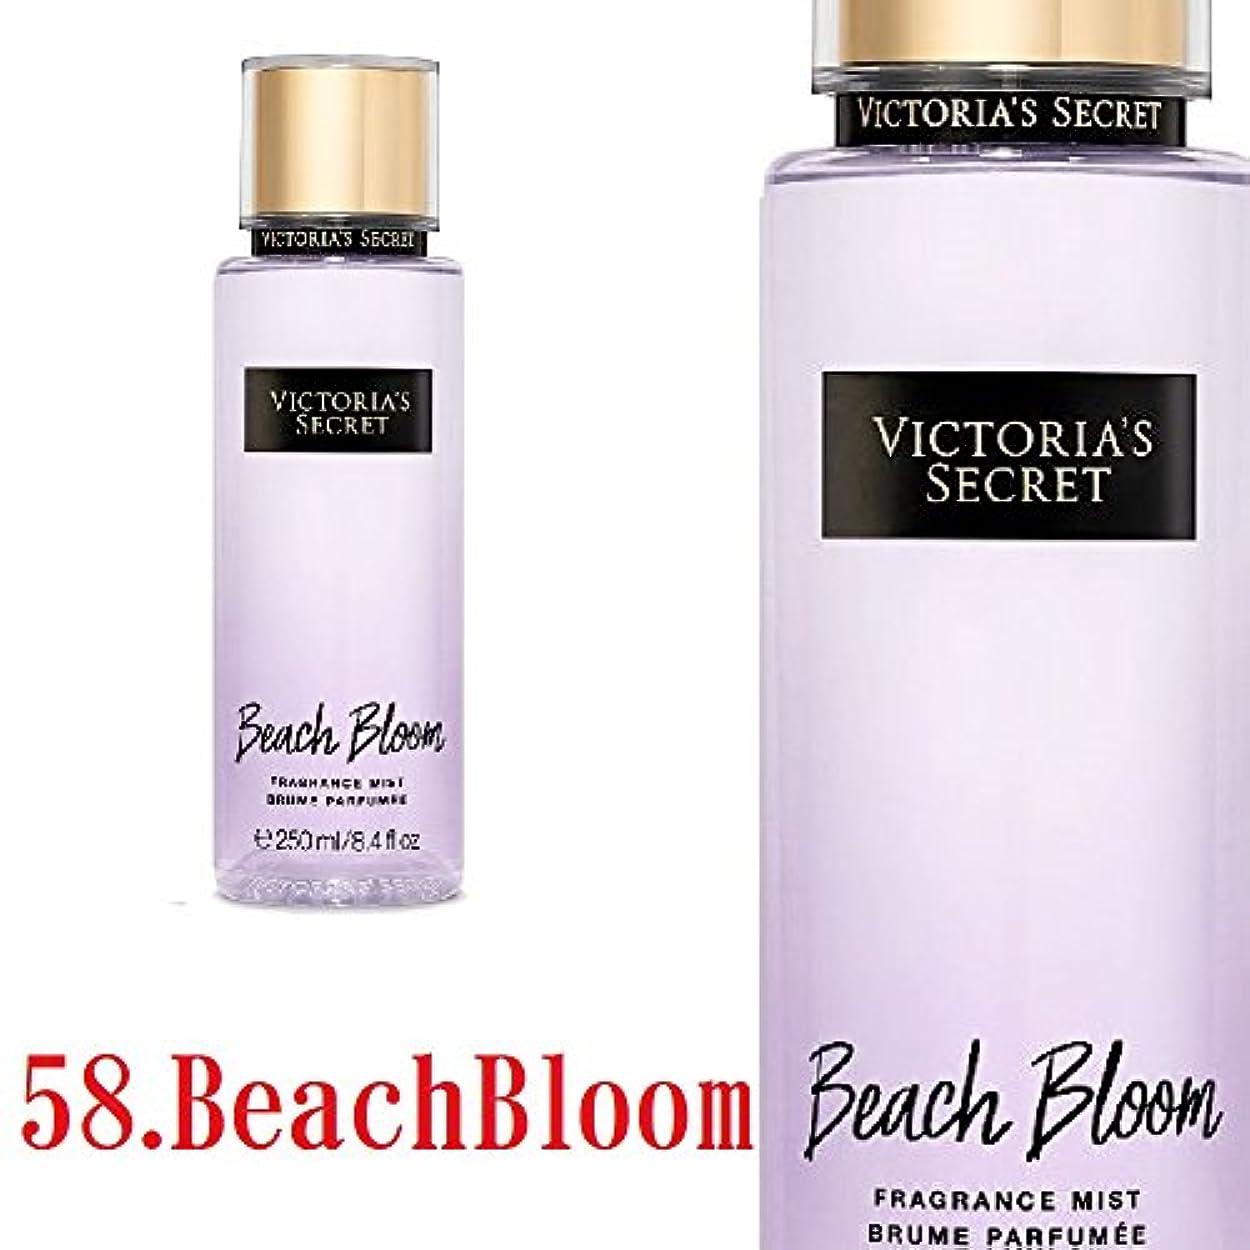 事前祝うコショウフレグランスミスト Victoria'sSecretFantasies FragranceMist ヴィクトリアシークレット Victoria'sSecret (58.ビーチブルーム/BeachBloom) [並行輸入品]